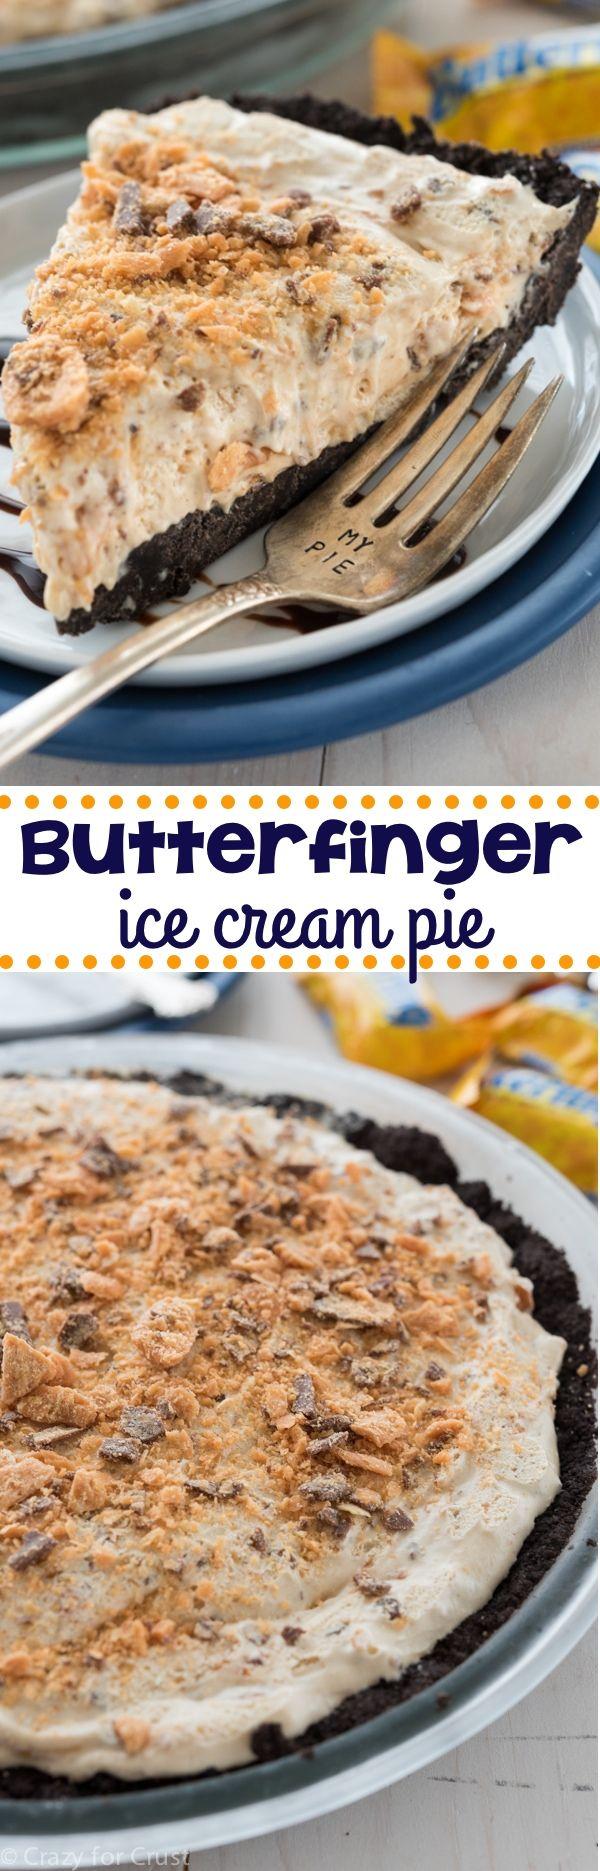 Sin Hornear Butterfinger Hielo Cream Pie - un fácil sin pastel horneado con una corteza Oreo!  Lleno de mantequilla de maní y helado Butterfinger!